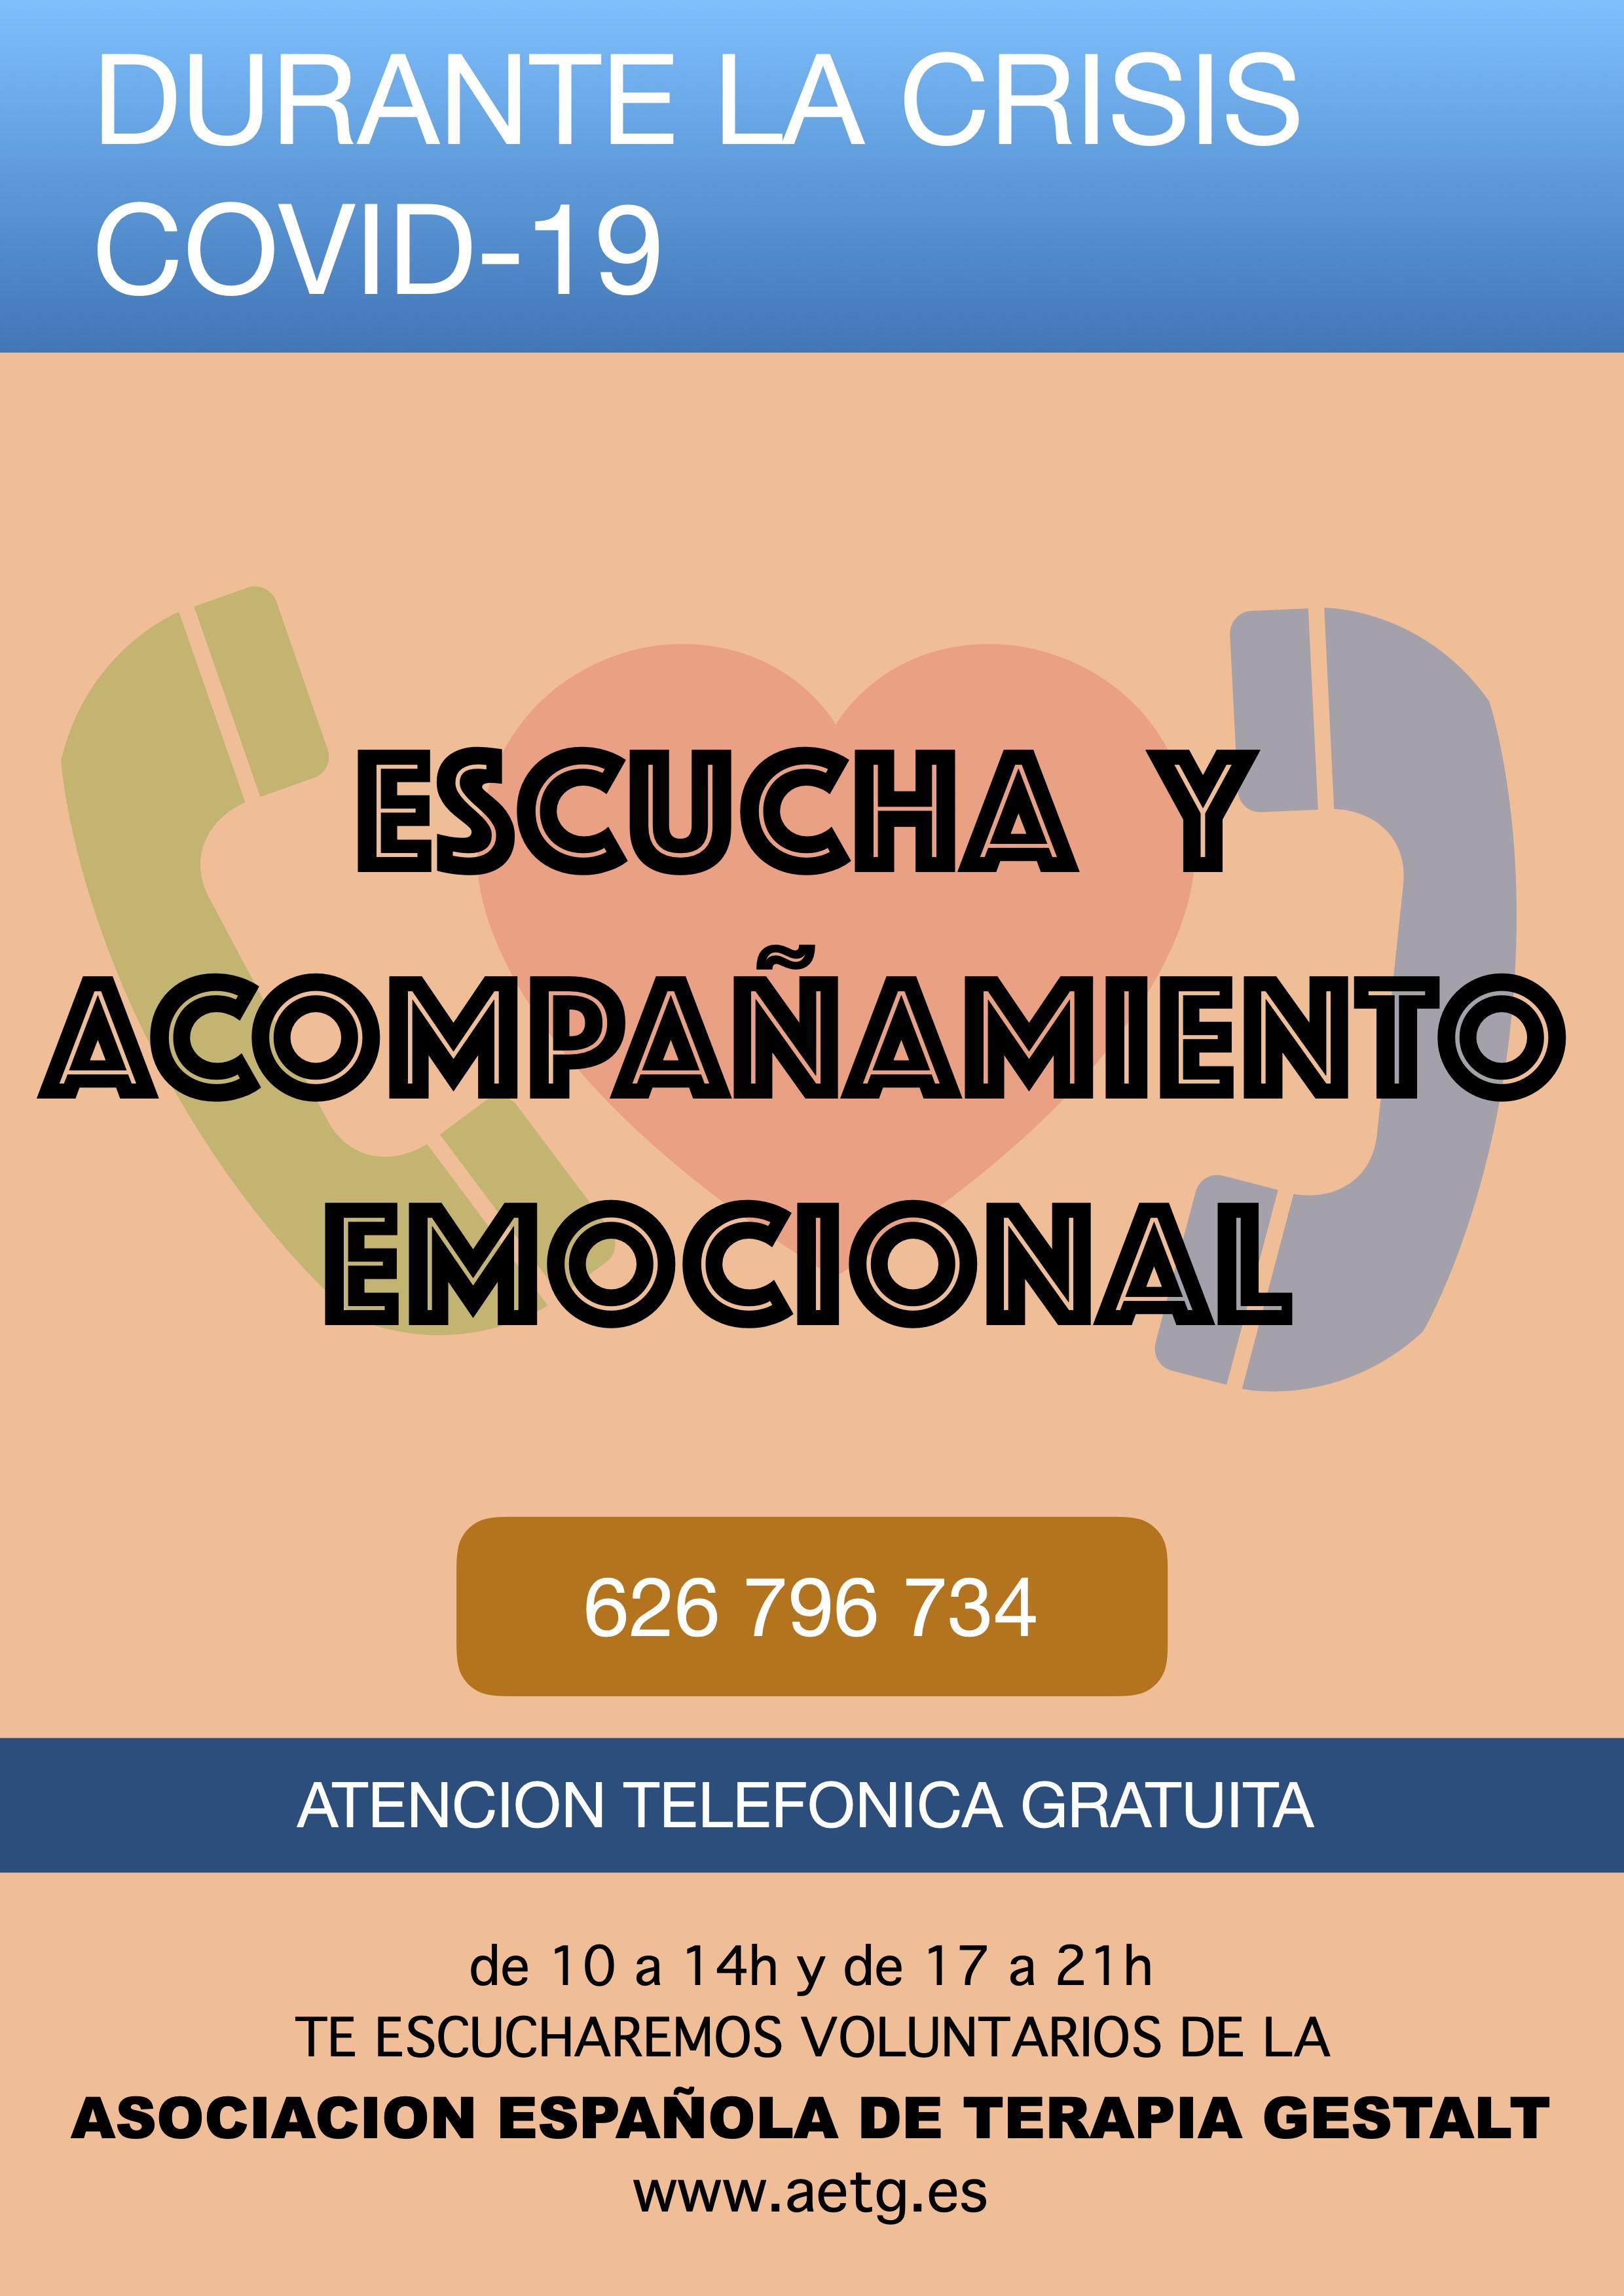 Atención telefónica gratuita